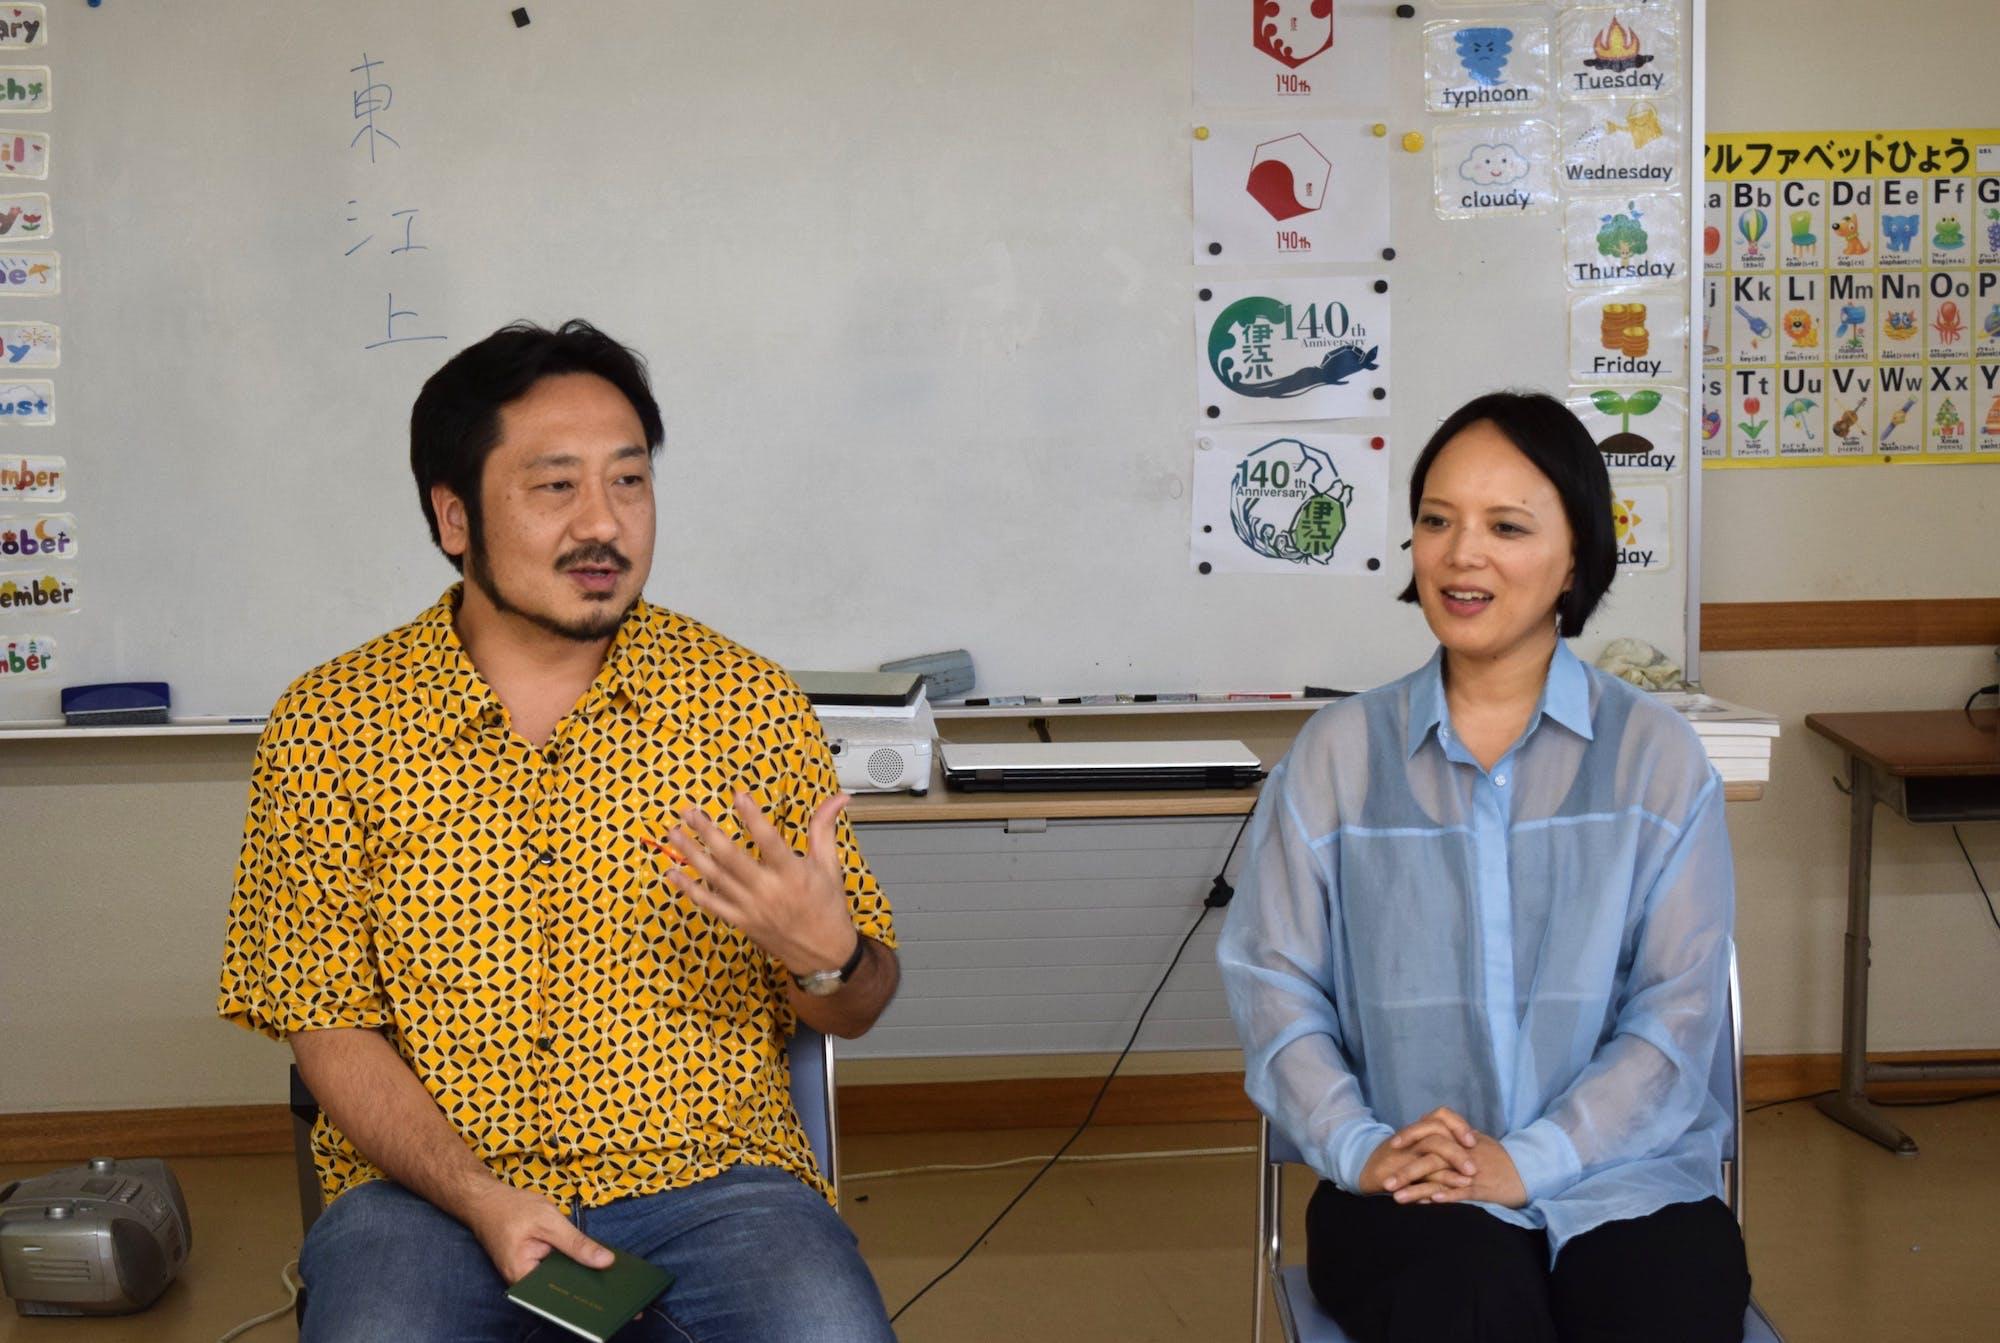 川瀬慈(左、国立民族学博物館准教授) 松田美緒(右、音楽家) photo:當麻妙